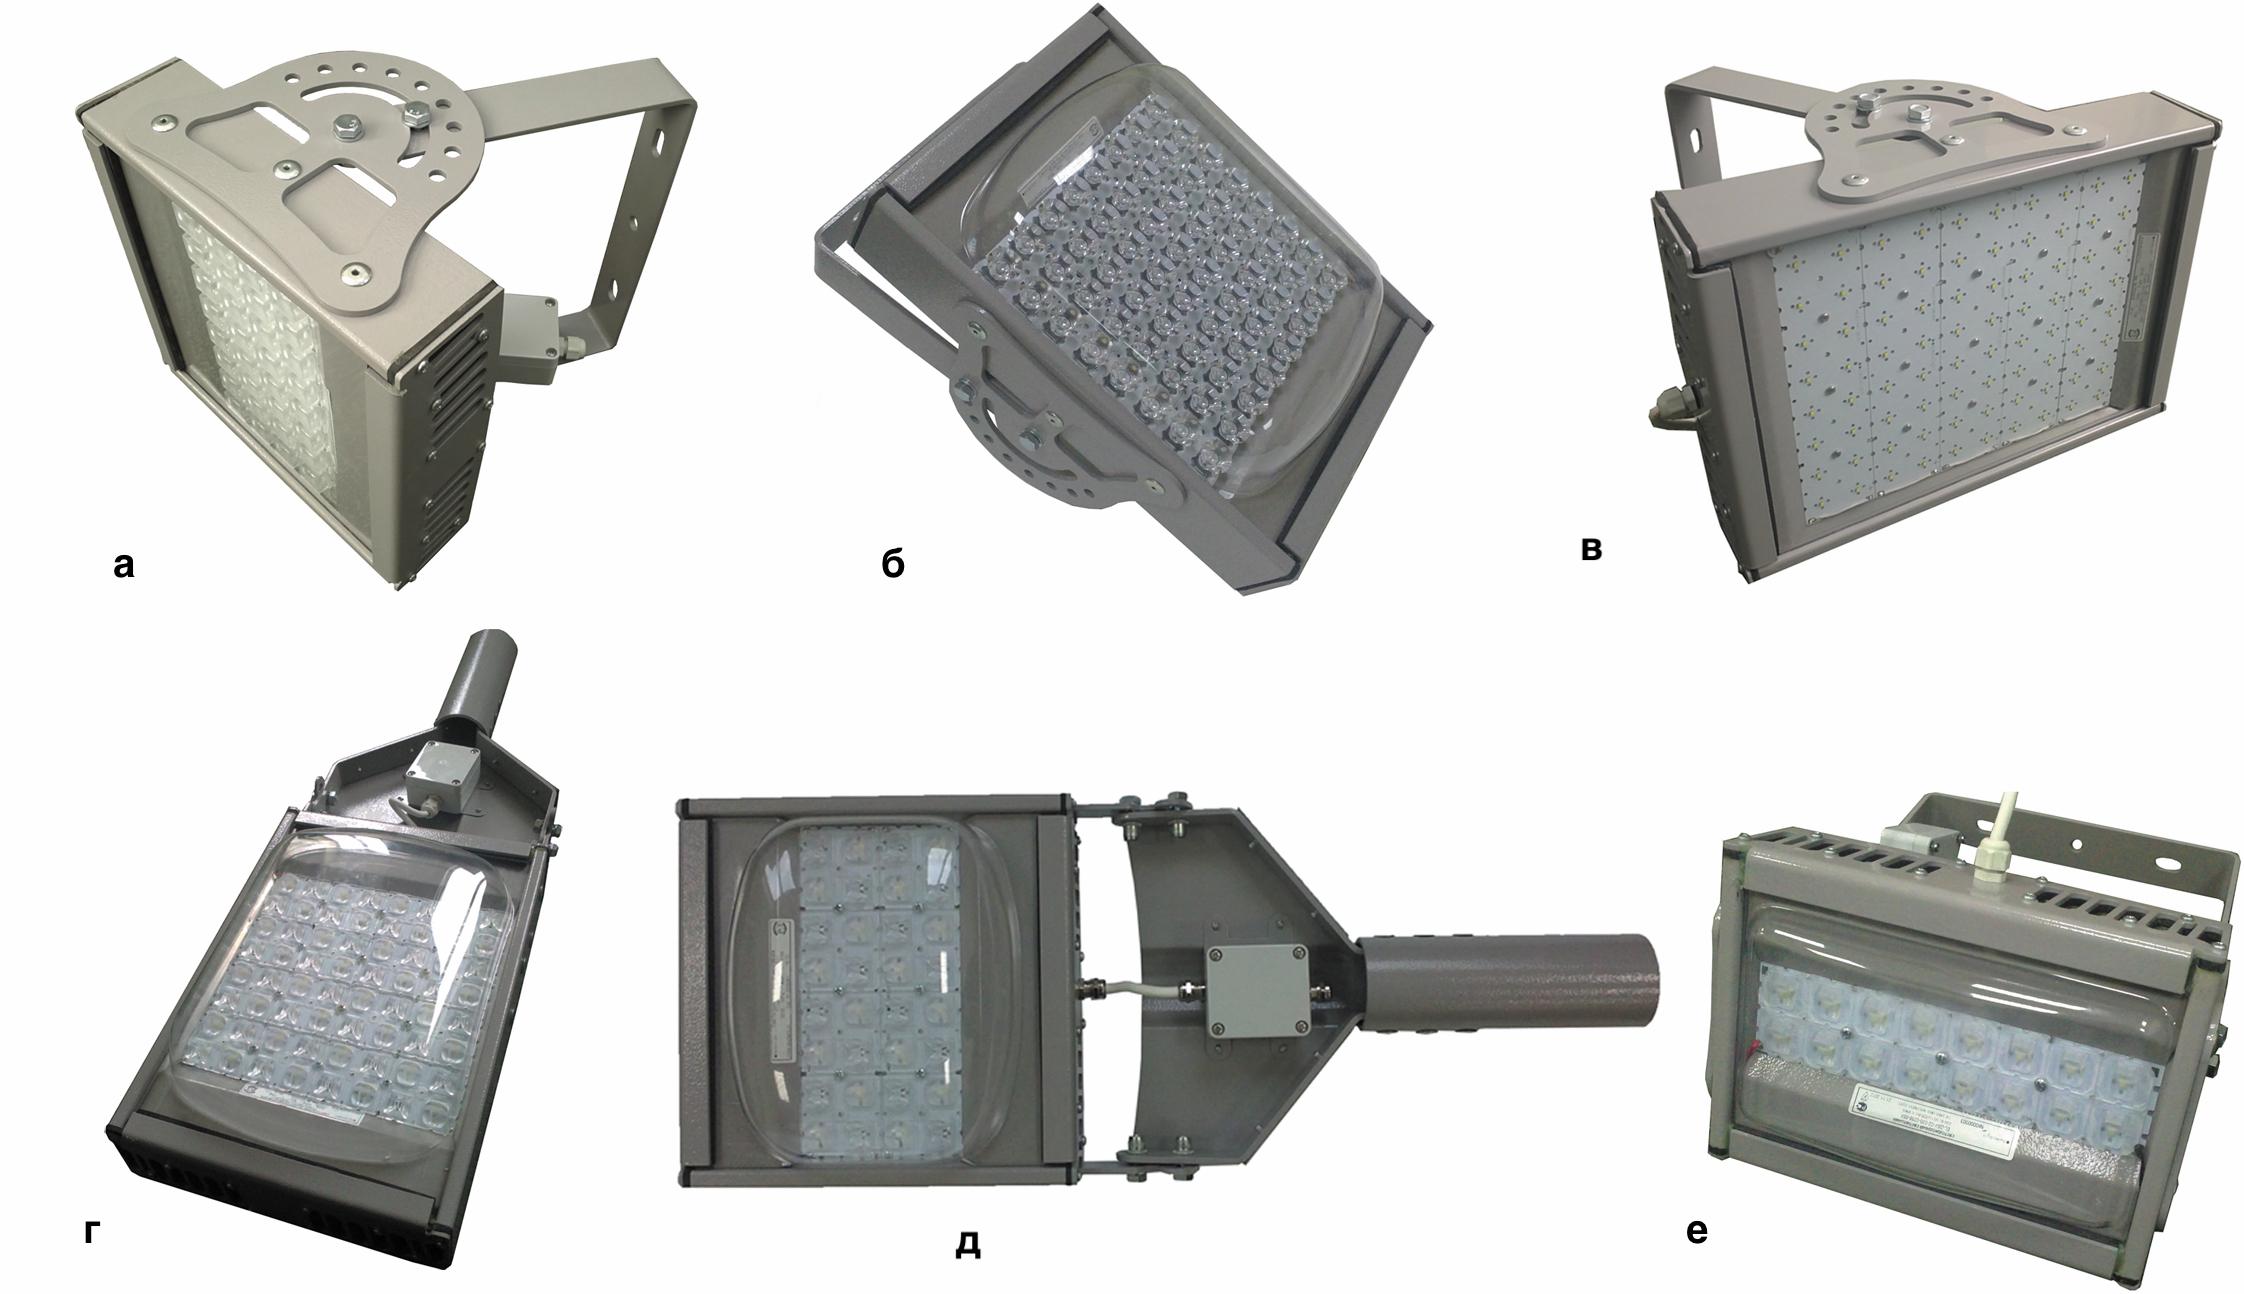 Внешний вид светильников фирмы «ЭКОЛАЙТ»: светильник с глубокой КСС; прожектор с концентрированной КСС; светильник с косинусной КСС; светильники с широкой КСС; кососвет